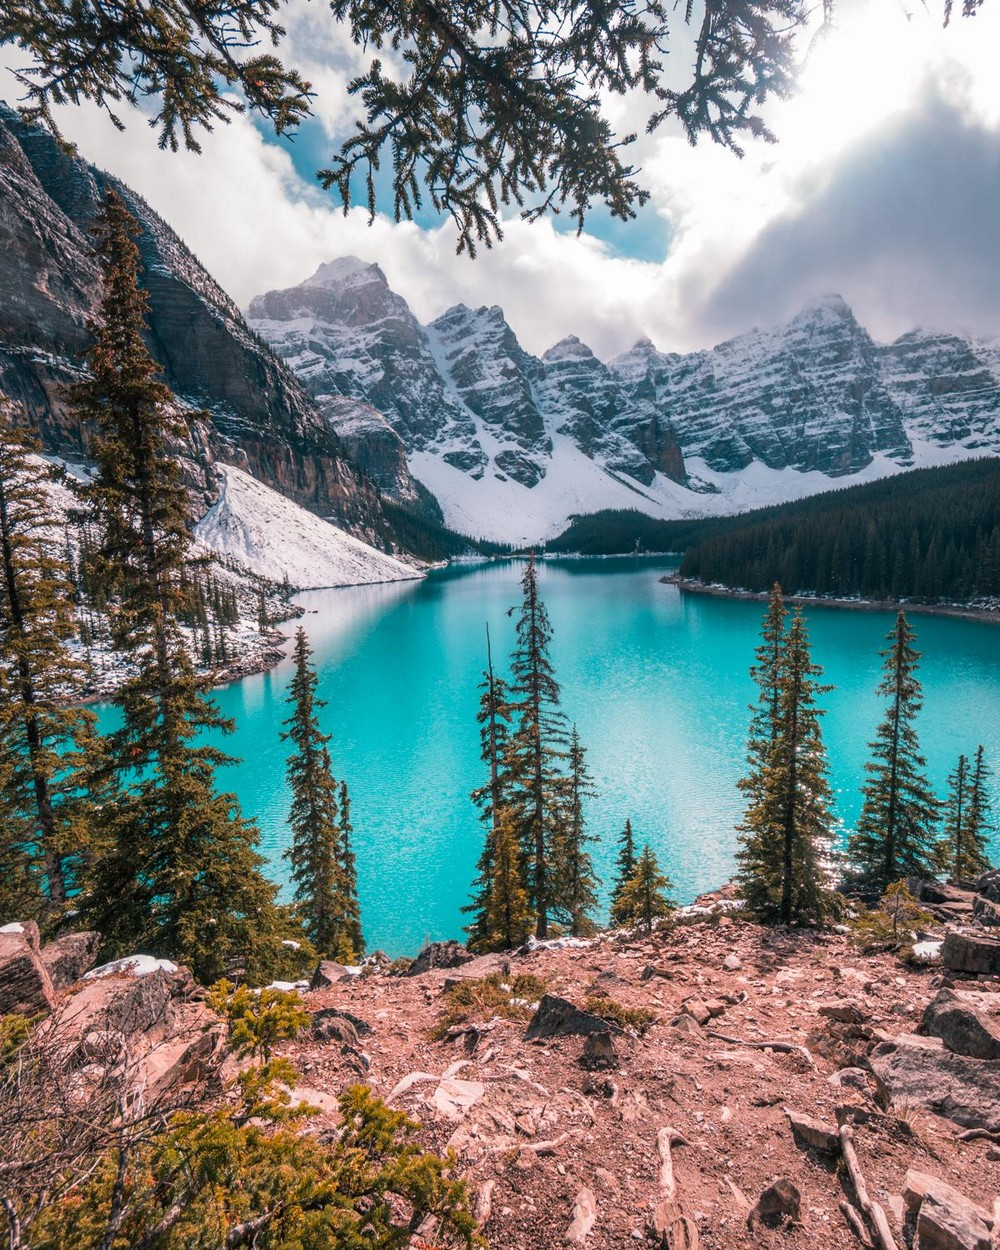 A természet szépsége a fotókban